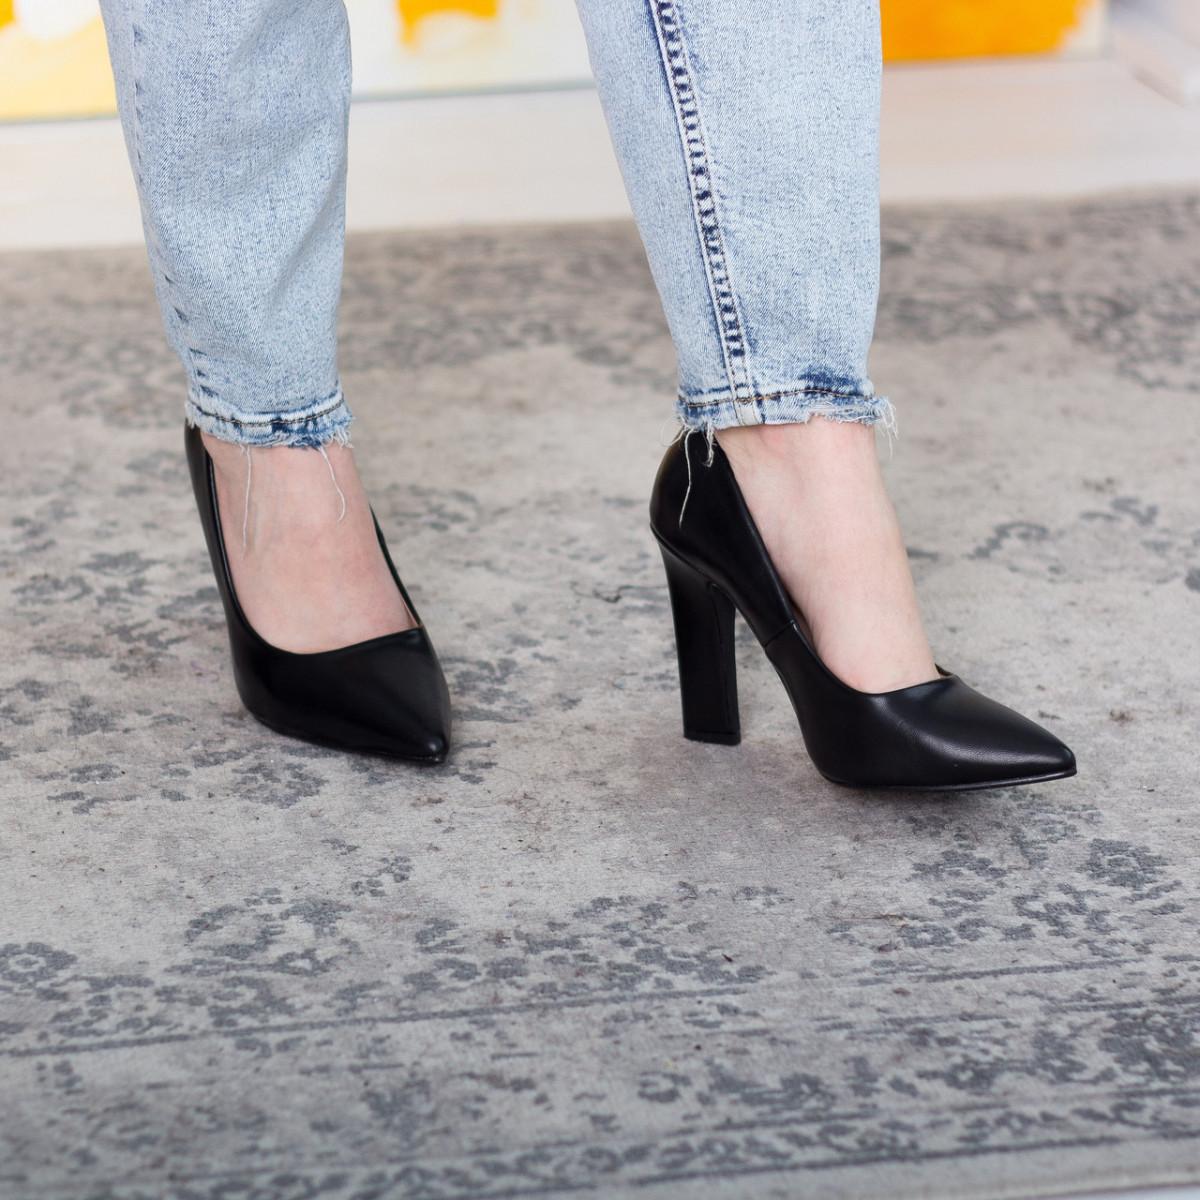 Туфлі жіночі Fashion Jackie 2593 36 розмір, 23,5 см Чорний